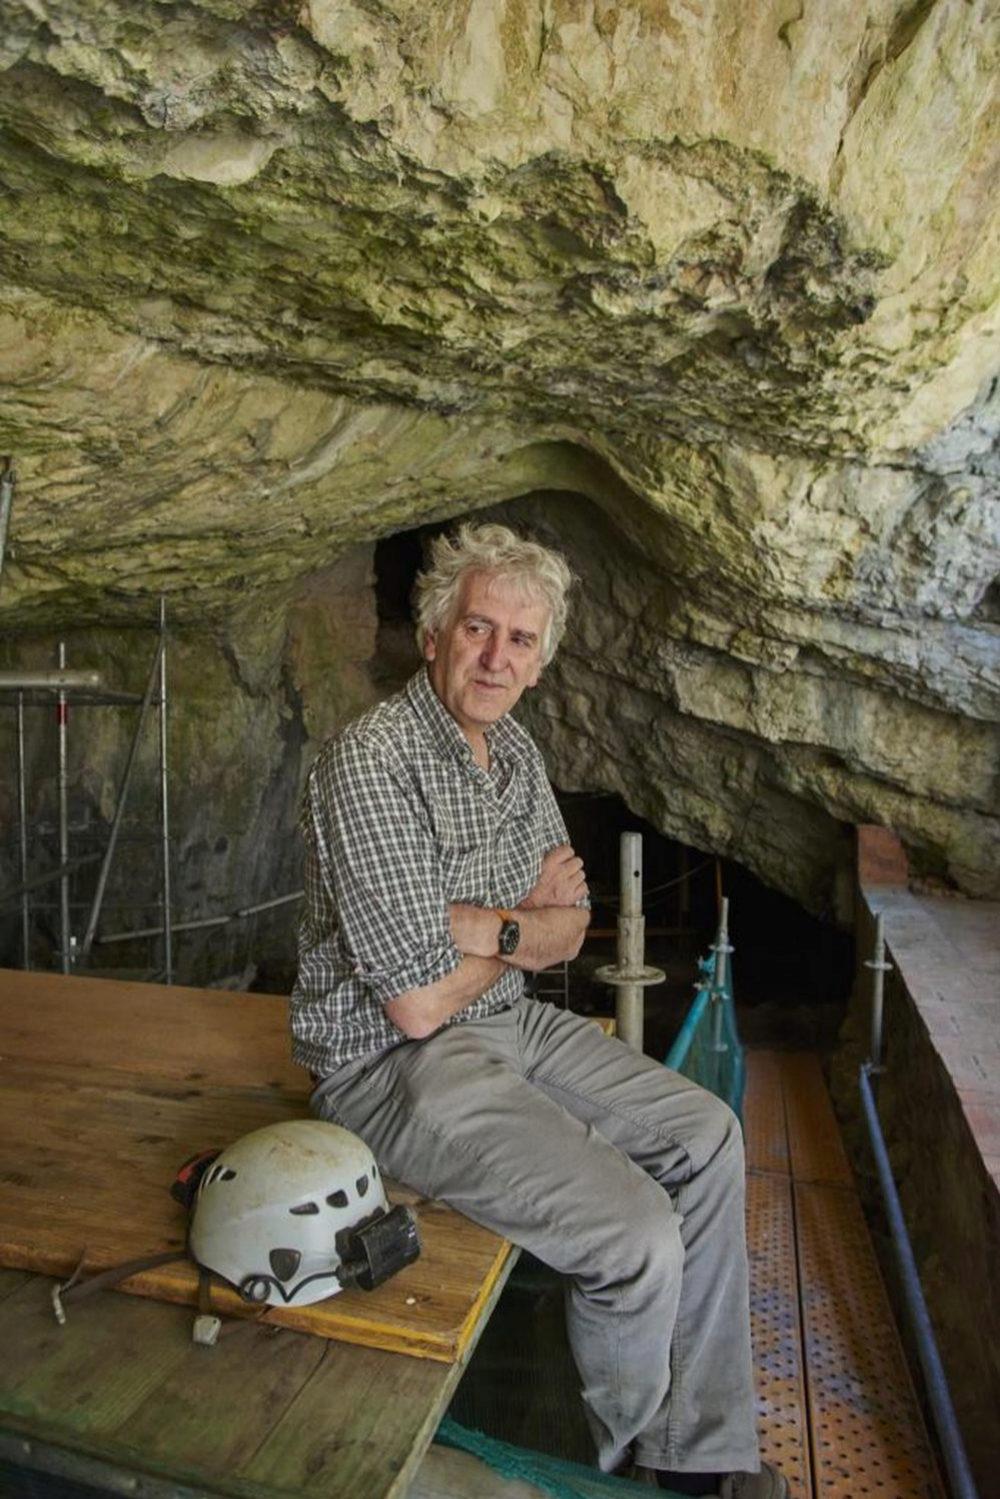 Arsuaga en la entrada de la cueva, sobre los andamios por los que se...